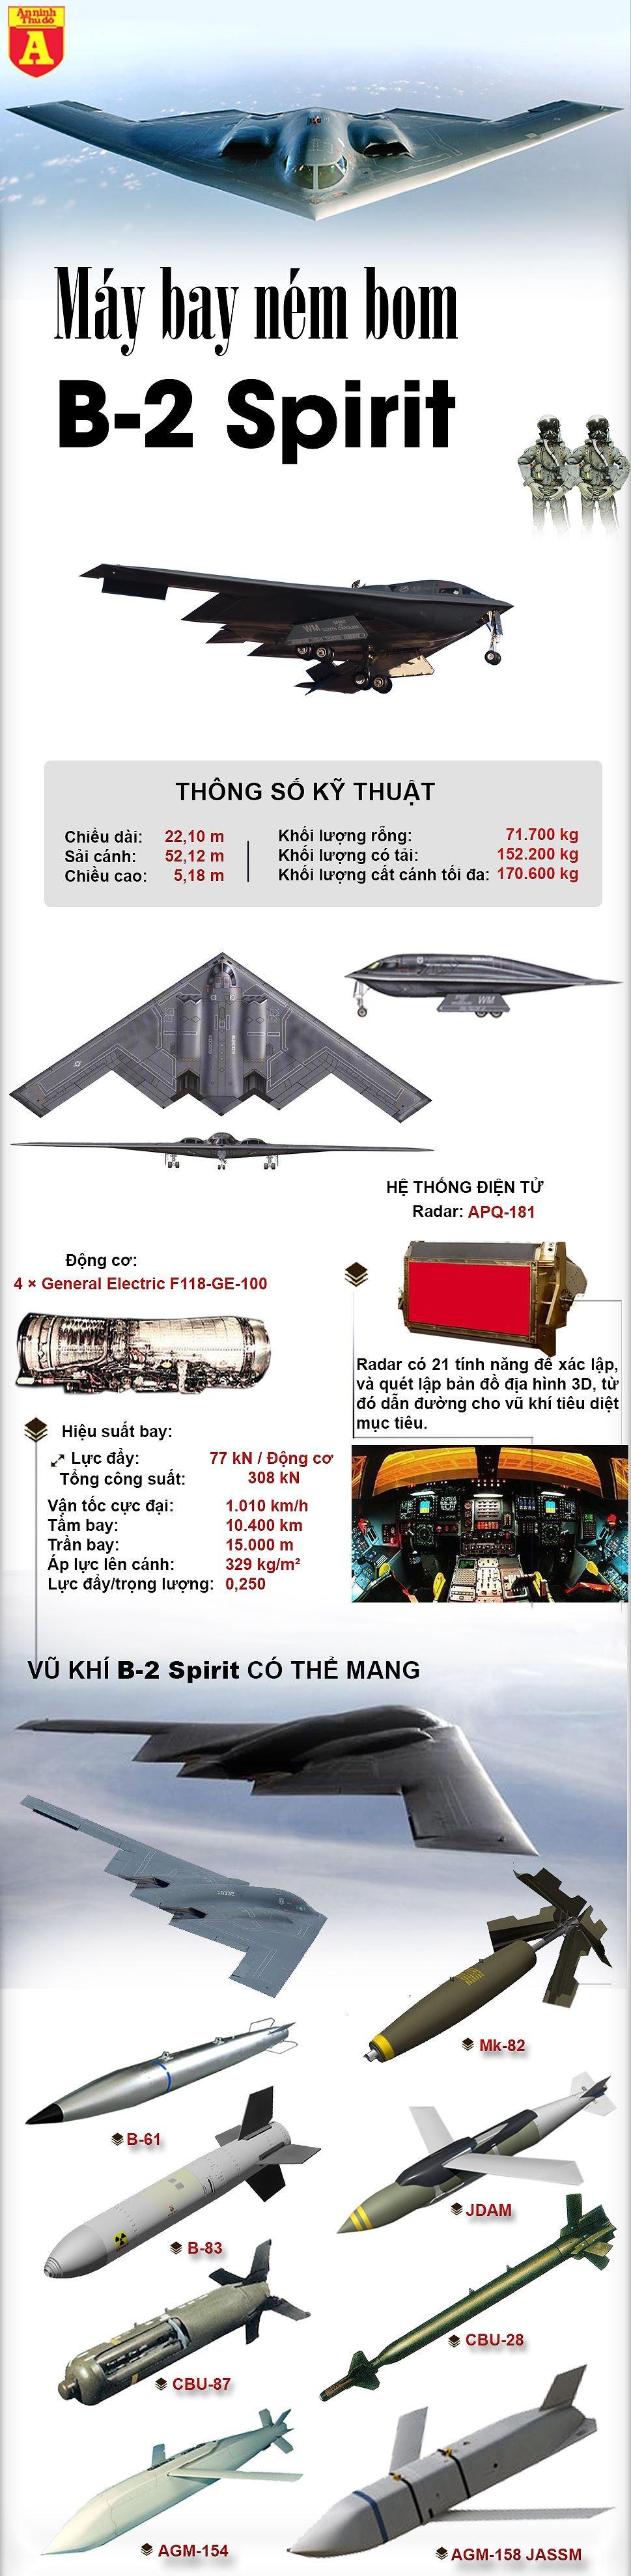 """[Infographic] """"Siêu bóng ma"""" B-2 của Mỹ có khả năng vẫy cánh như chim trên bầu trời ảnh 3"""